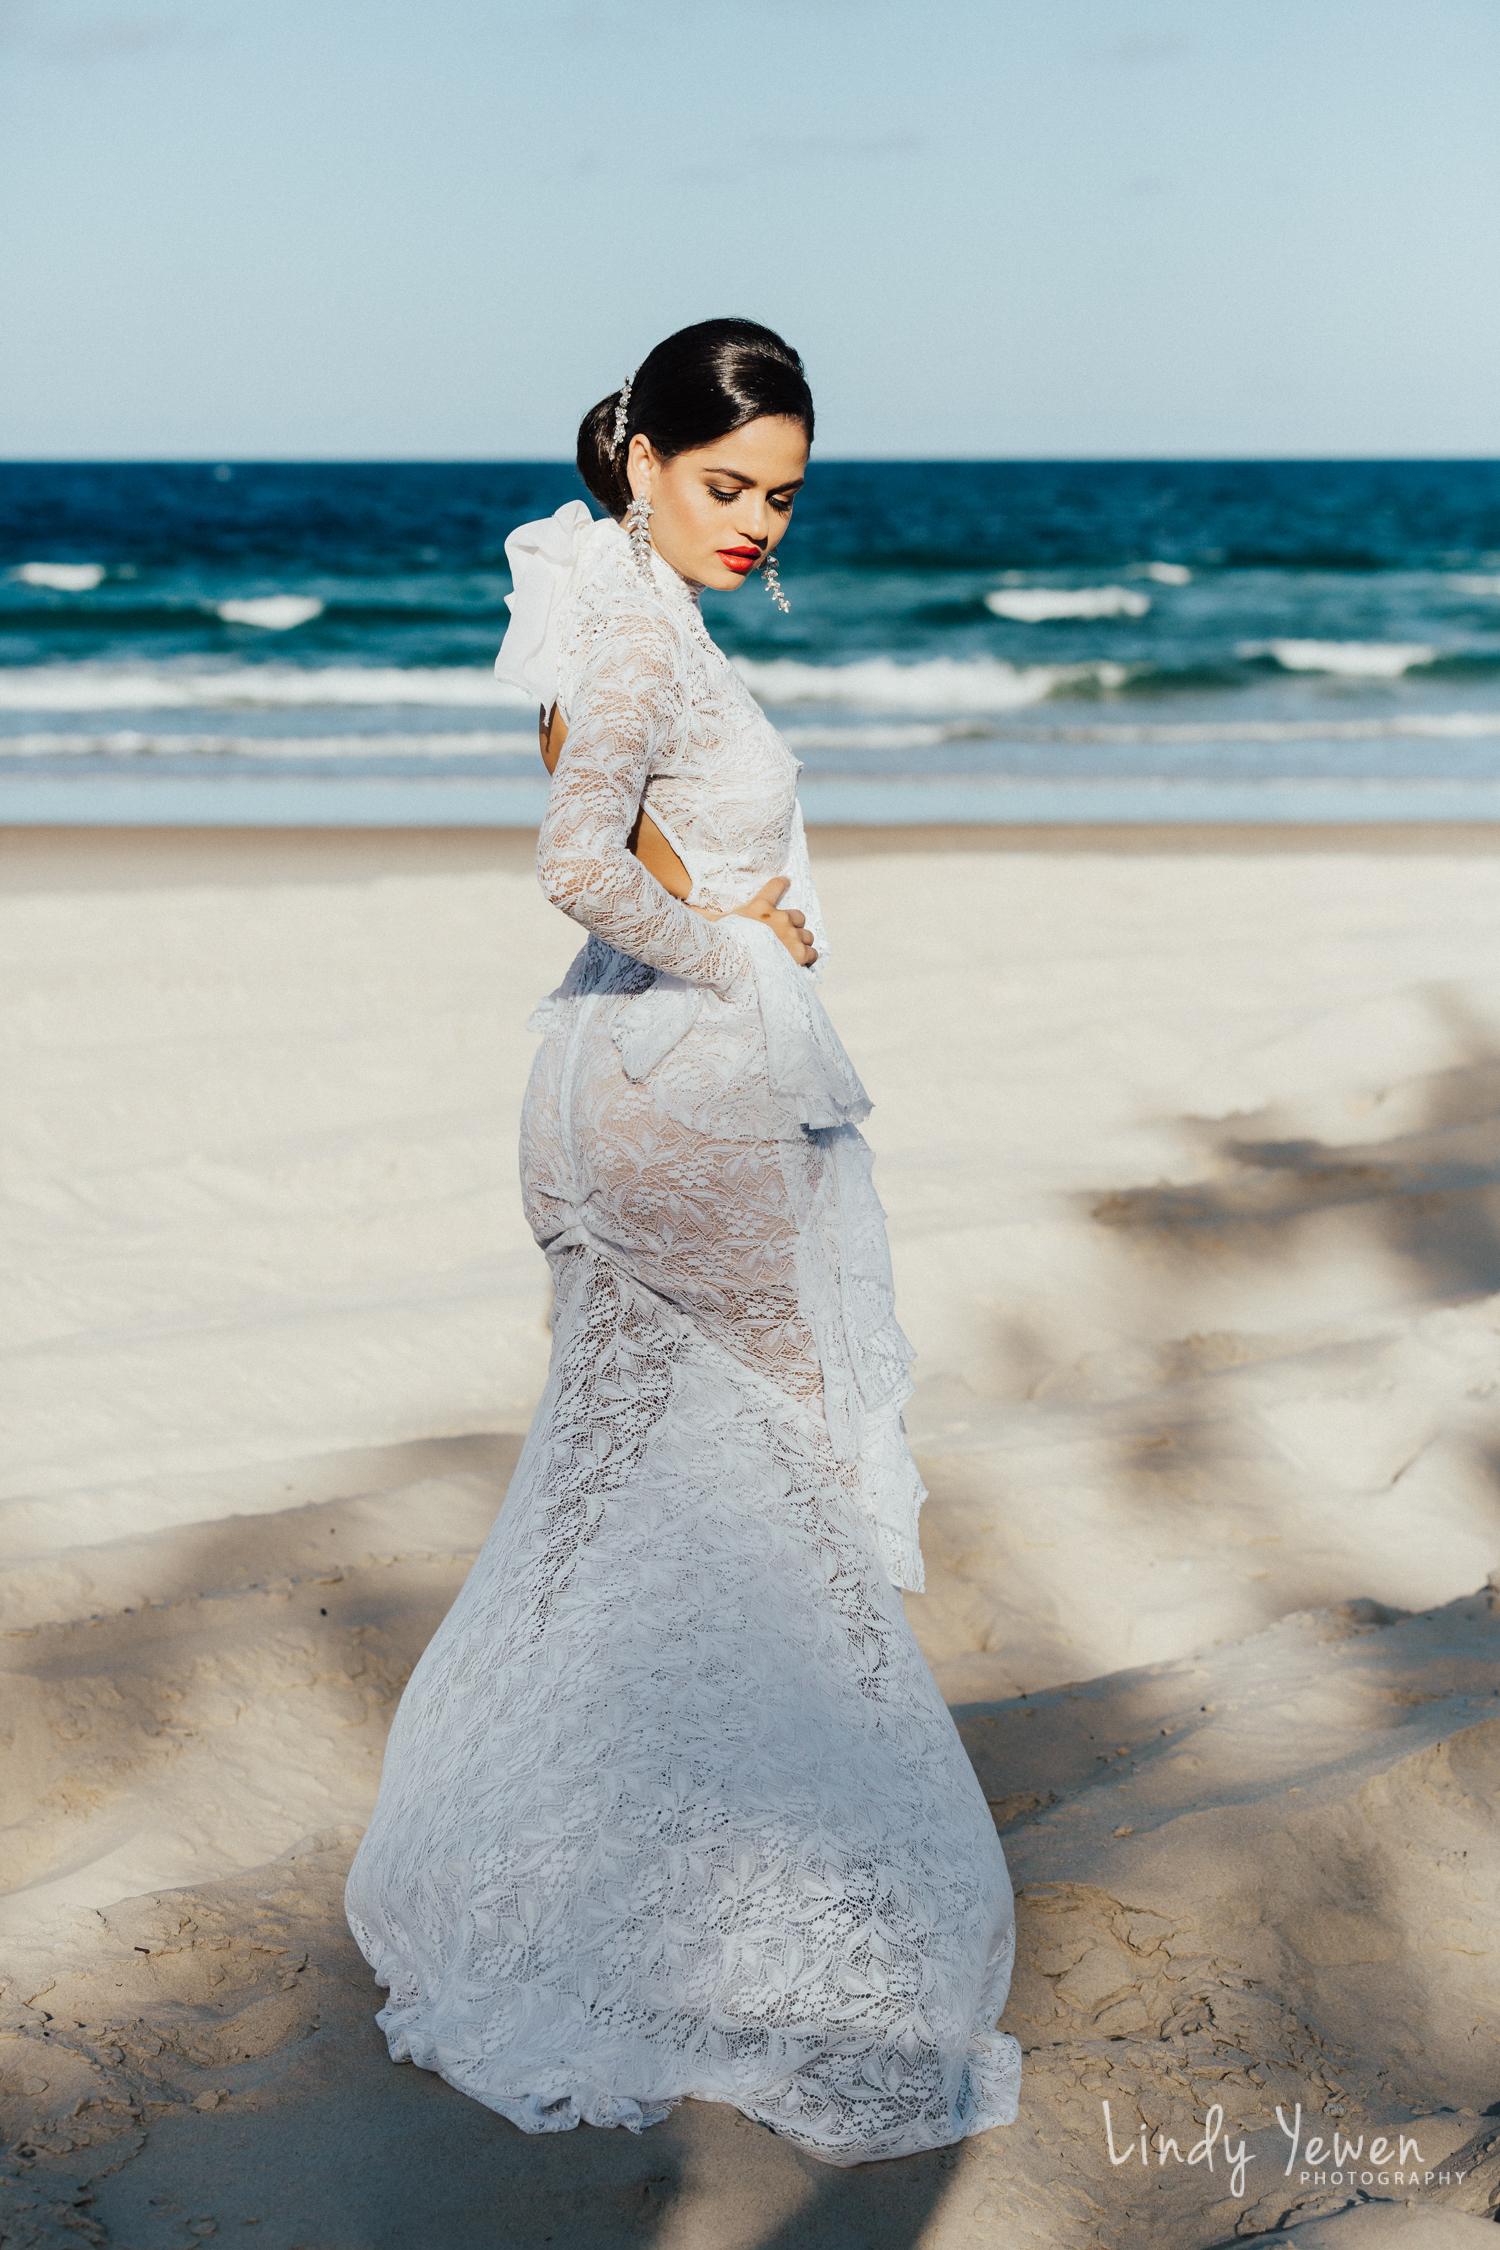 Lindy-Yewen-Photography-Spanish-Wedding 72.jpg